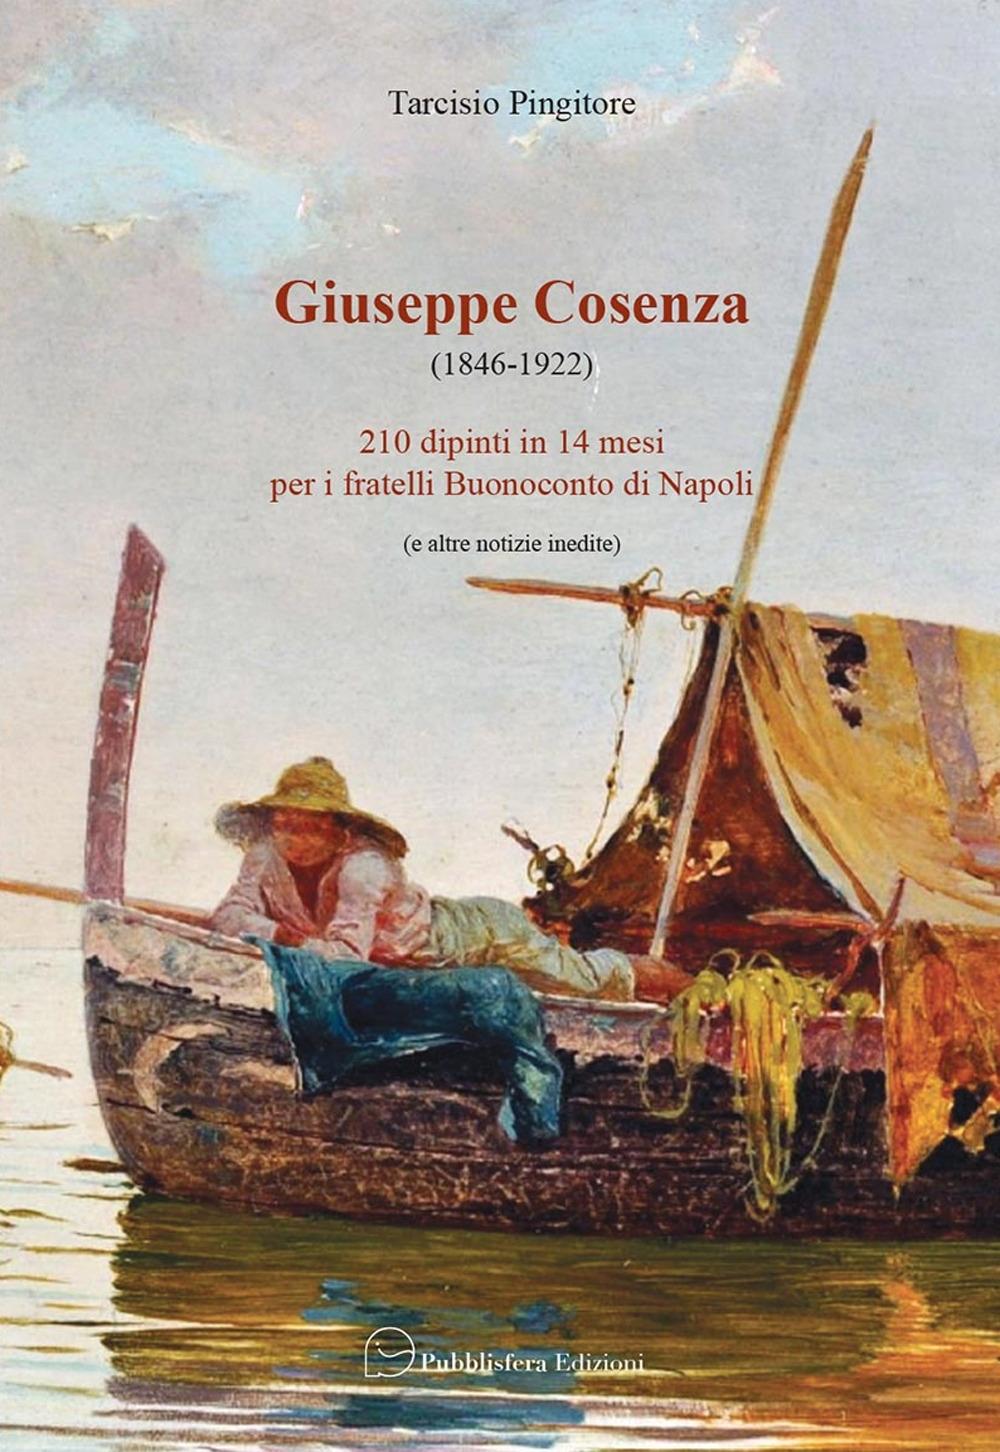 Giuseppe Cosenza (1846-1922). 210 dipinti in 14 mesi per i fratelli Buonoconto di Napoli (e altre notizie inedite)